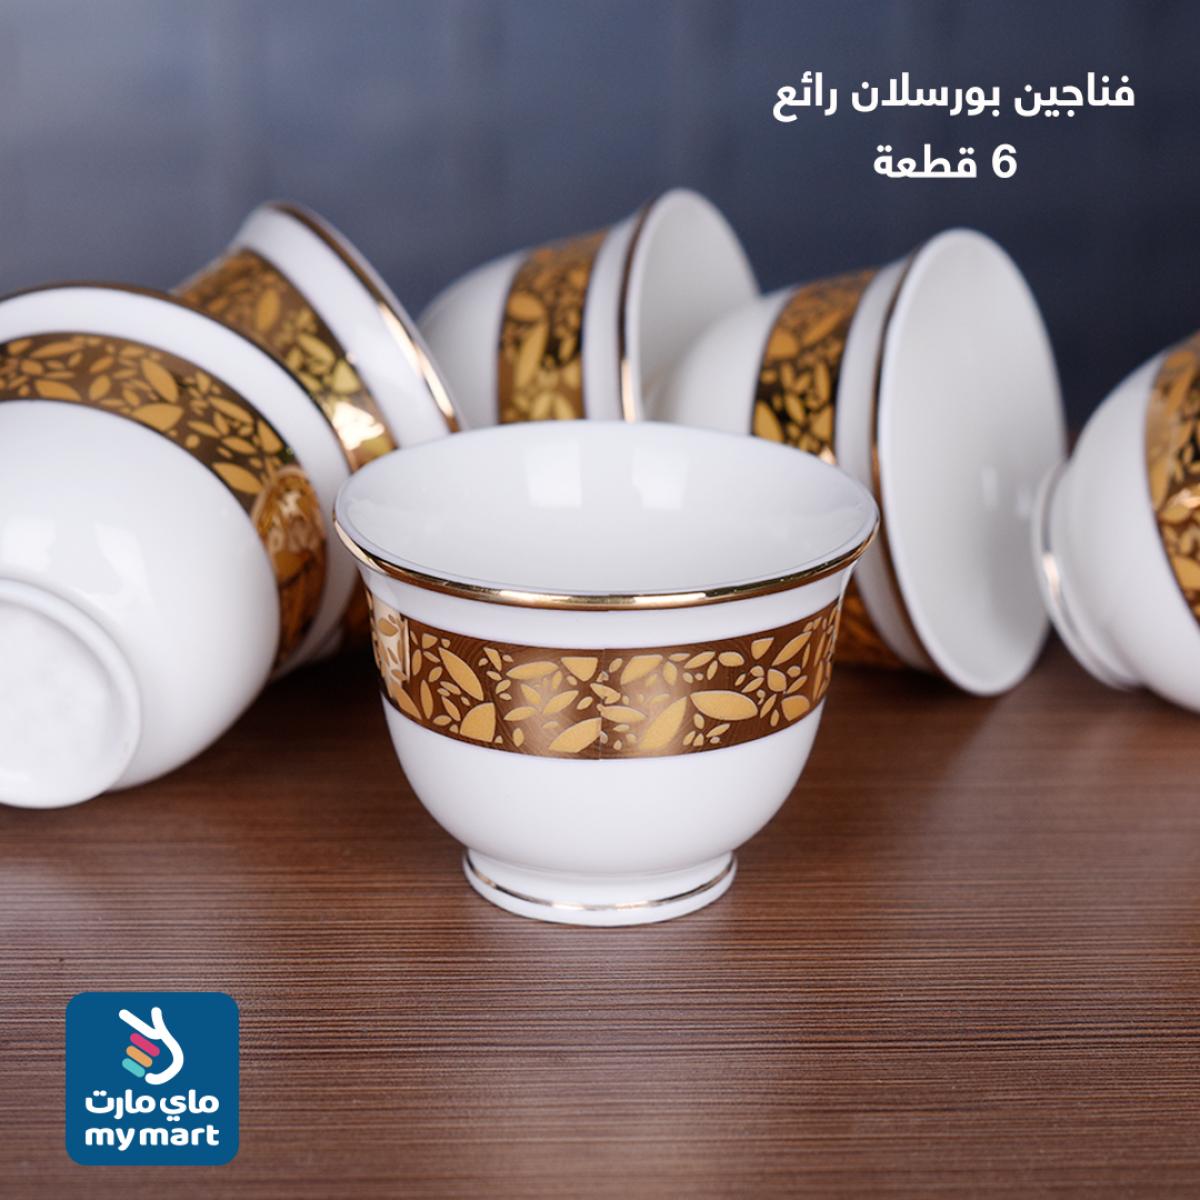 طقم فناجين قهوة عربي 6 فنجان , رقم 131125